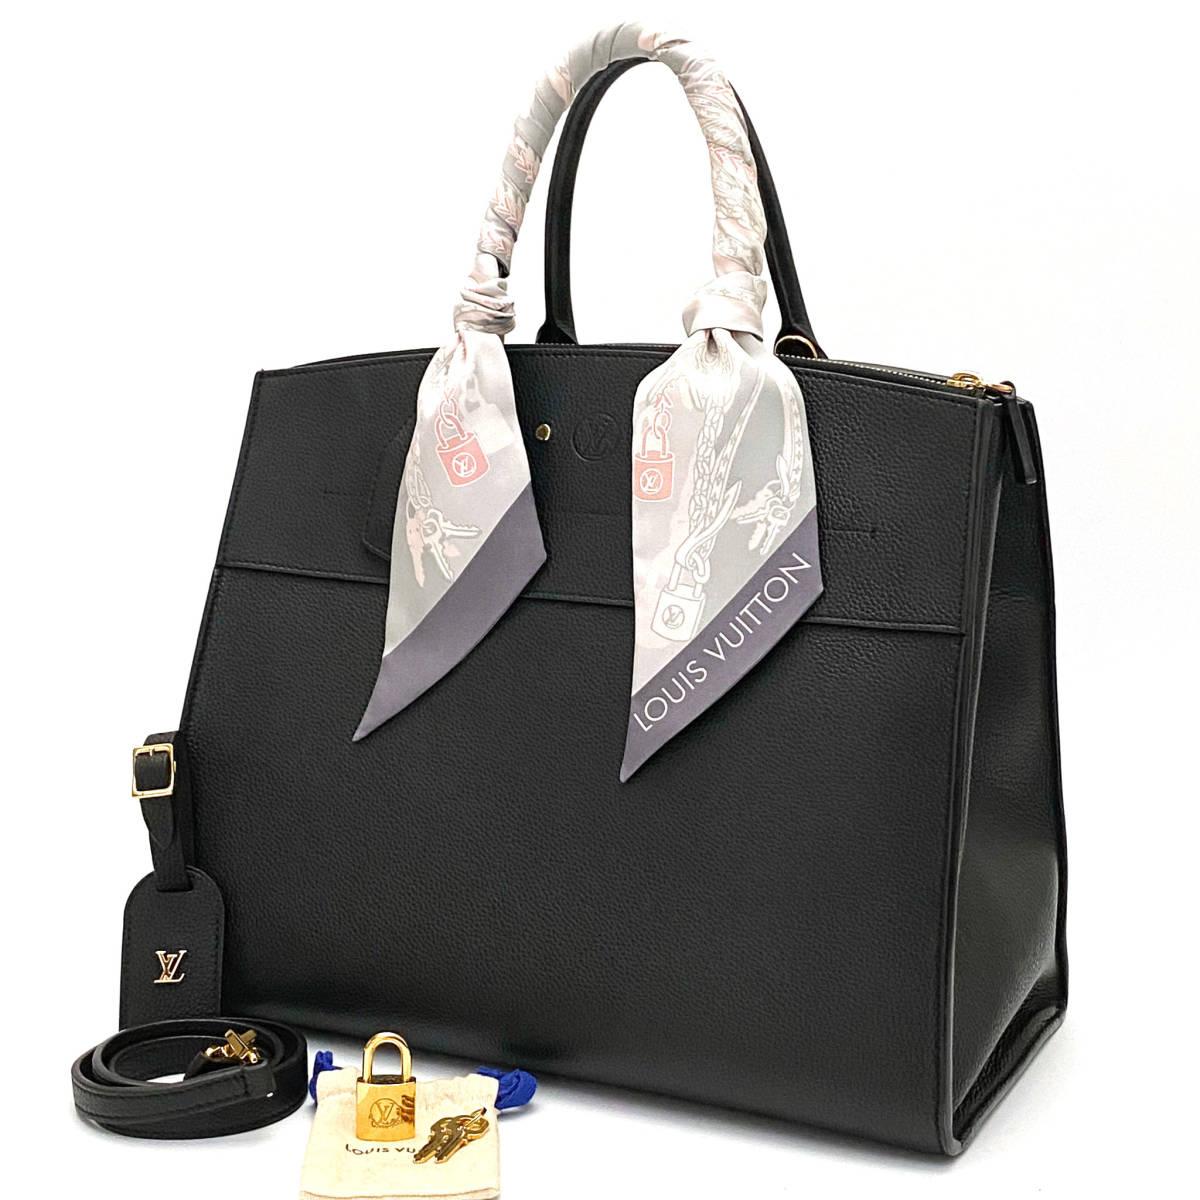 n45◇超美品◇ ルイヴィトン Louis Vuitton シティスティーマー GM 2WAY ショルダー トート ハンド バッグ レザー ノワール 黒 ブラック